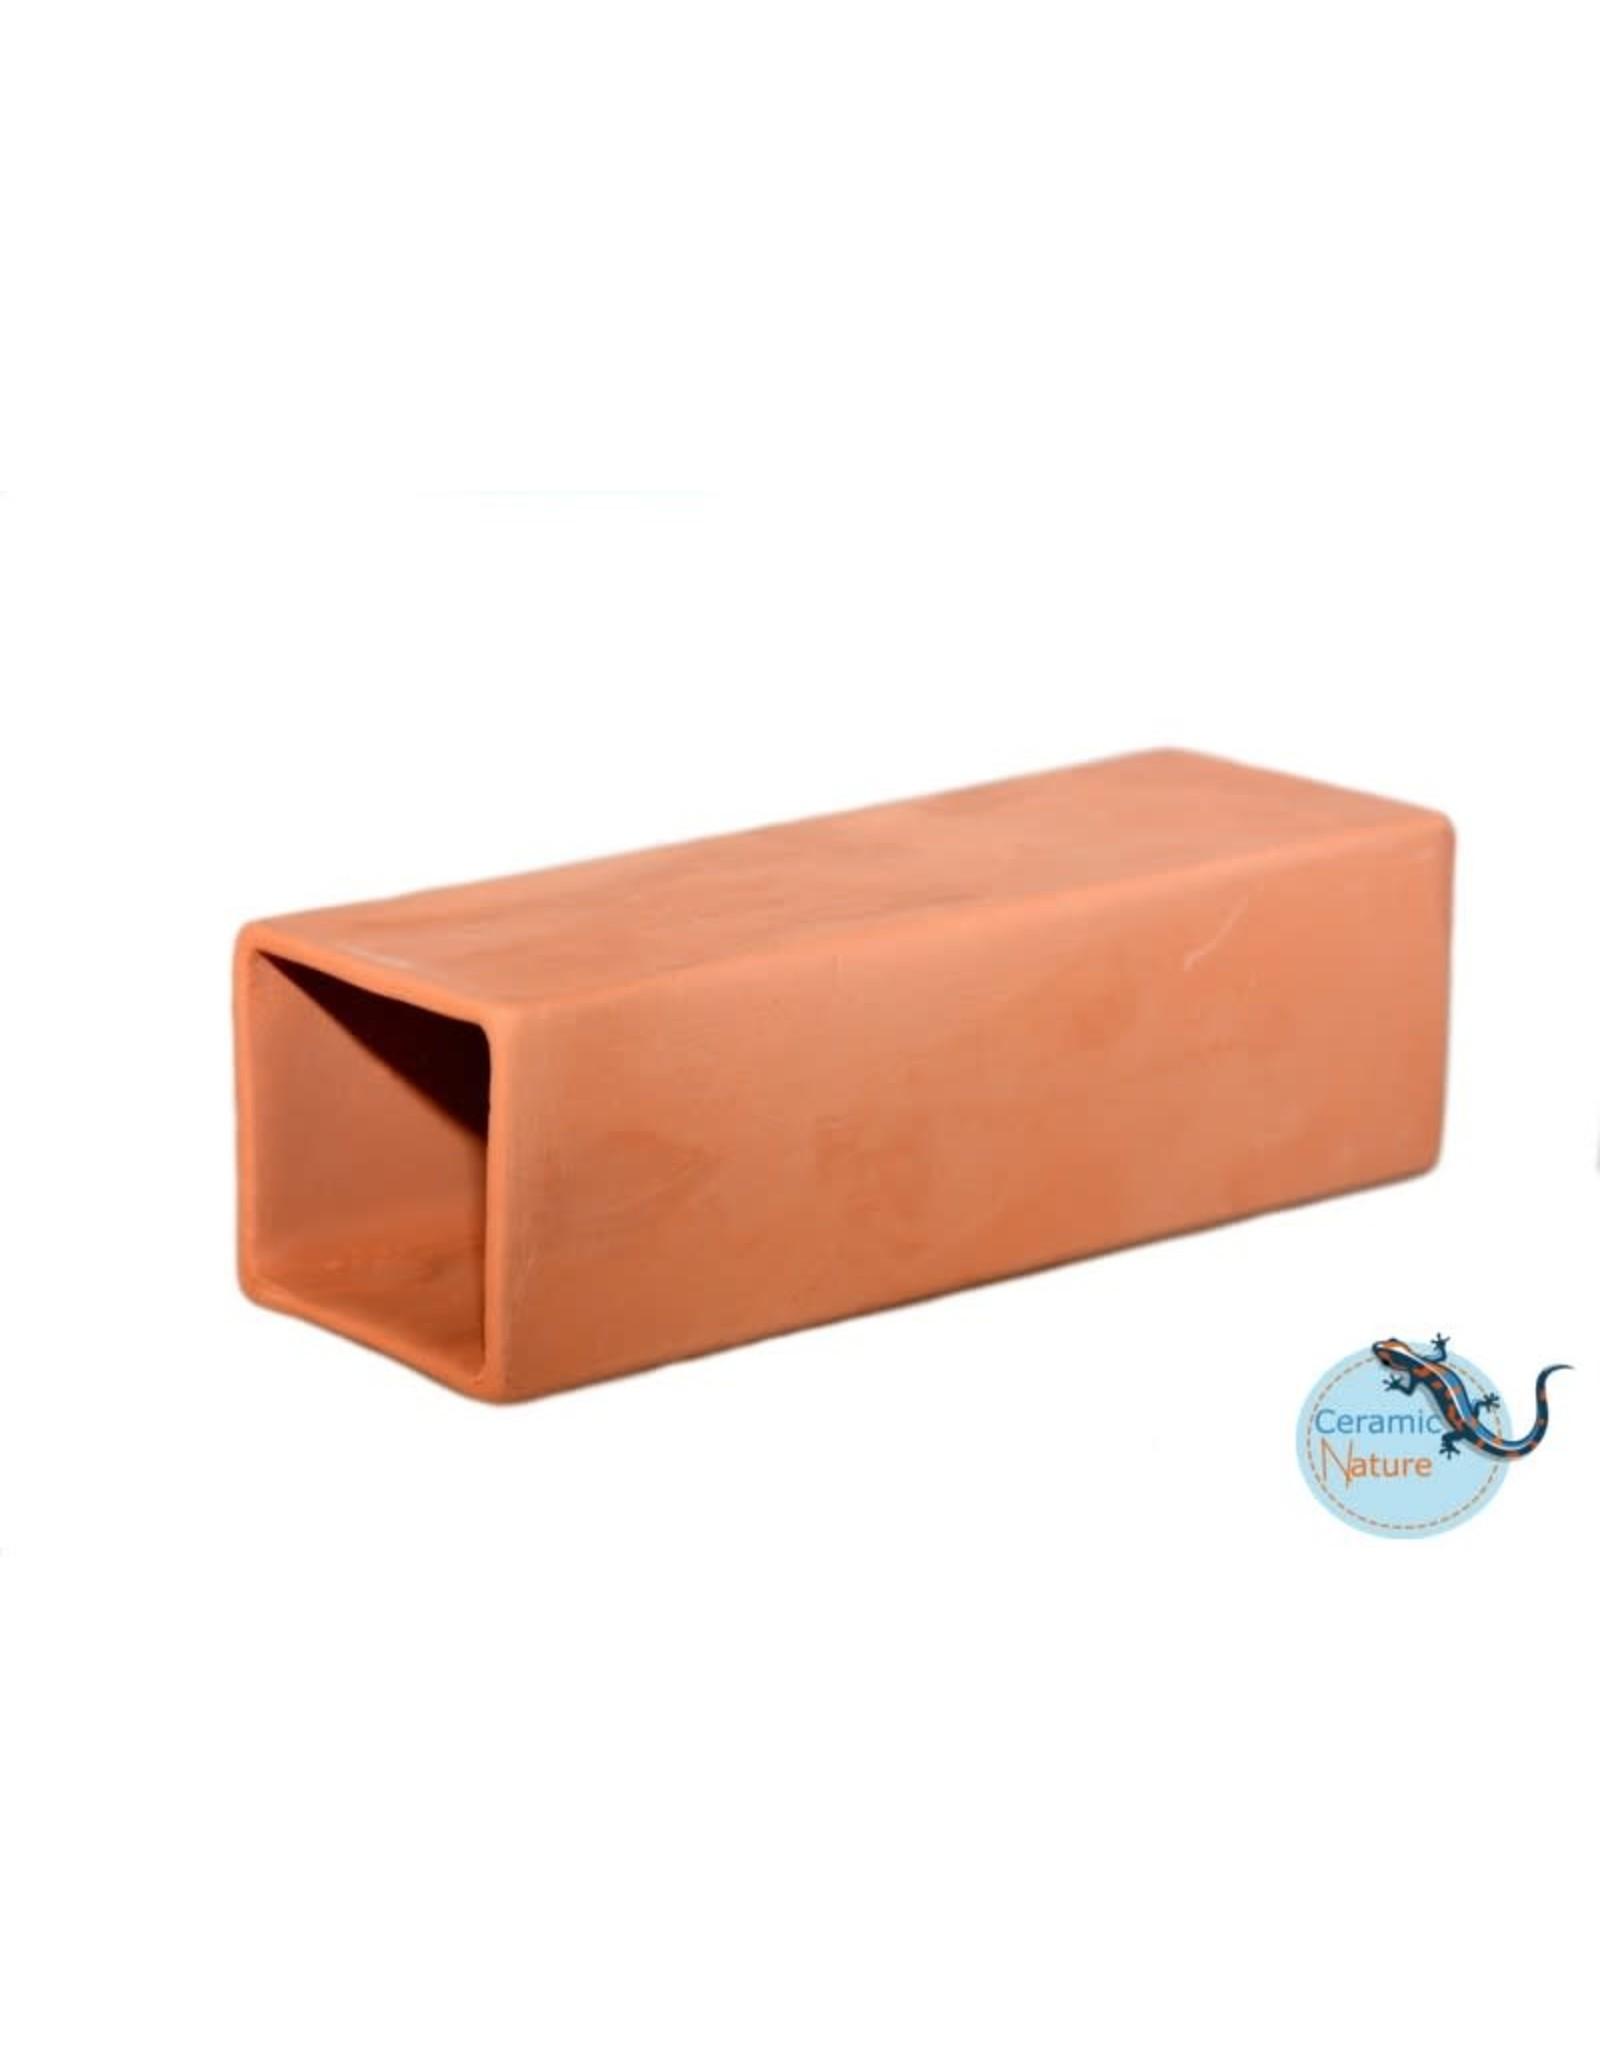 Ceramic Nature Cave rectangle